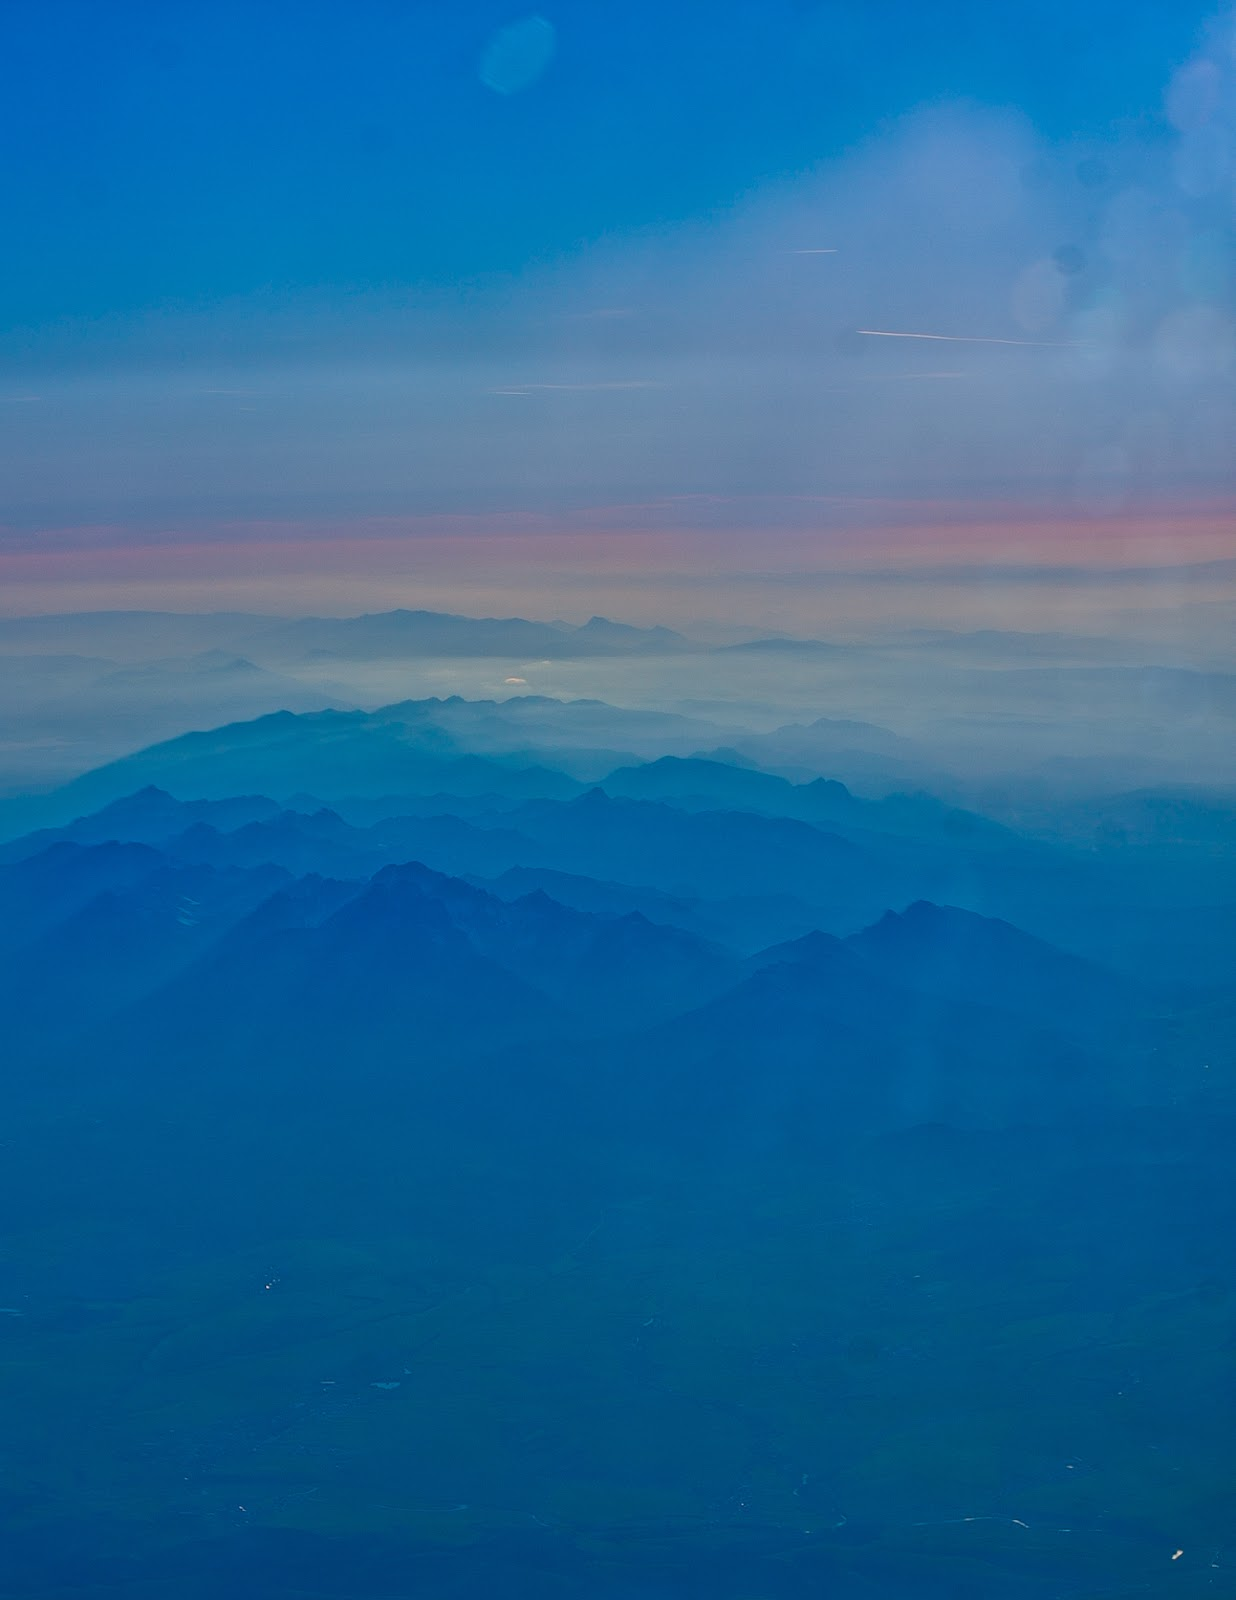 widok na góry z samolotu zachód słońca